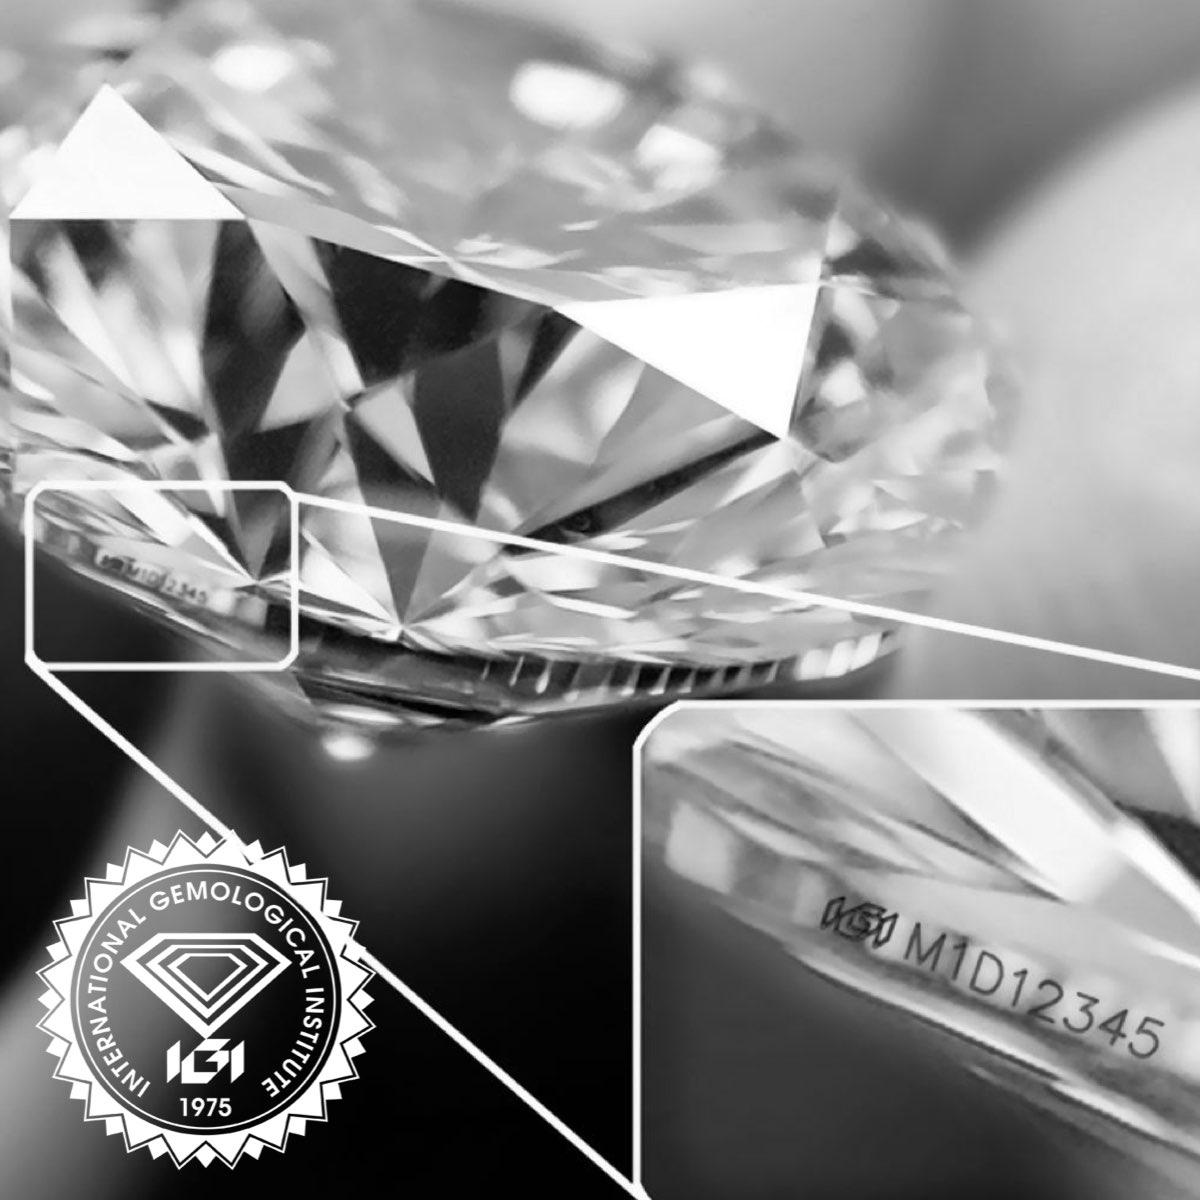 Incisione al laser del numero di certificato nel diamante